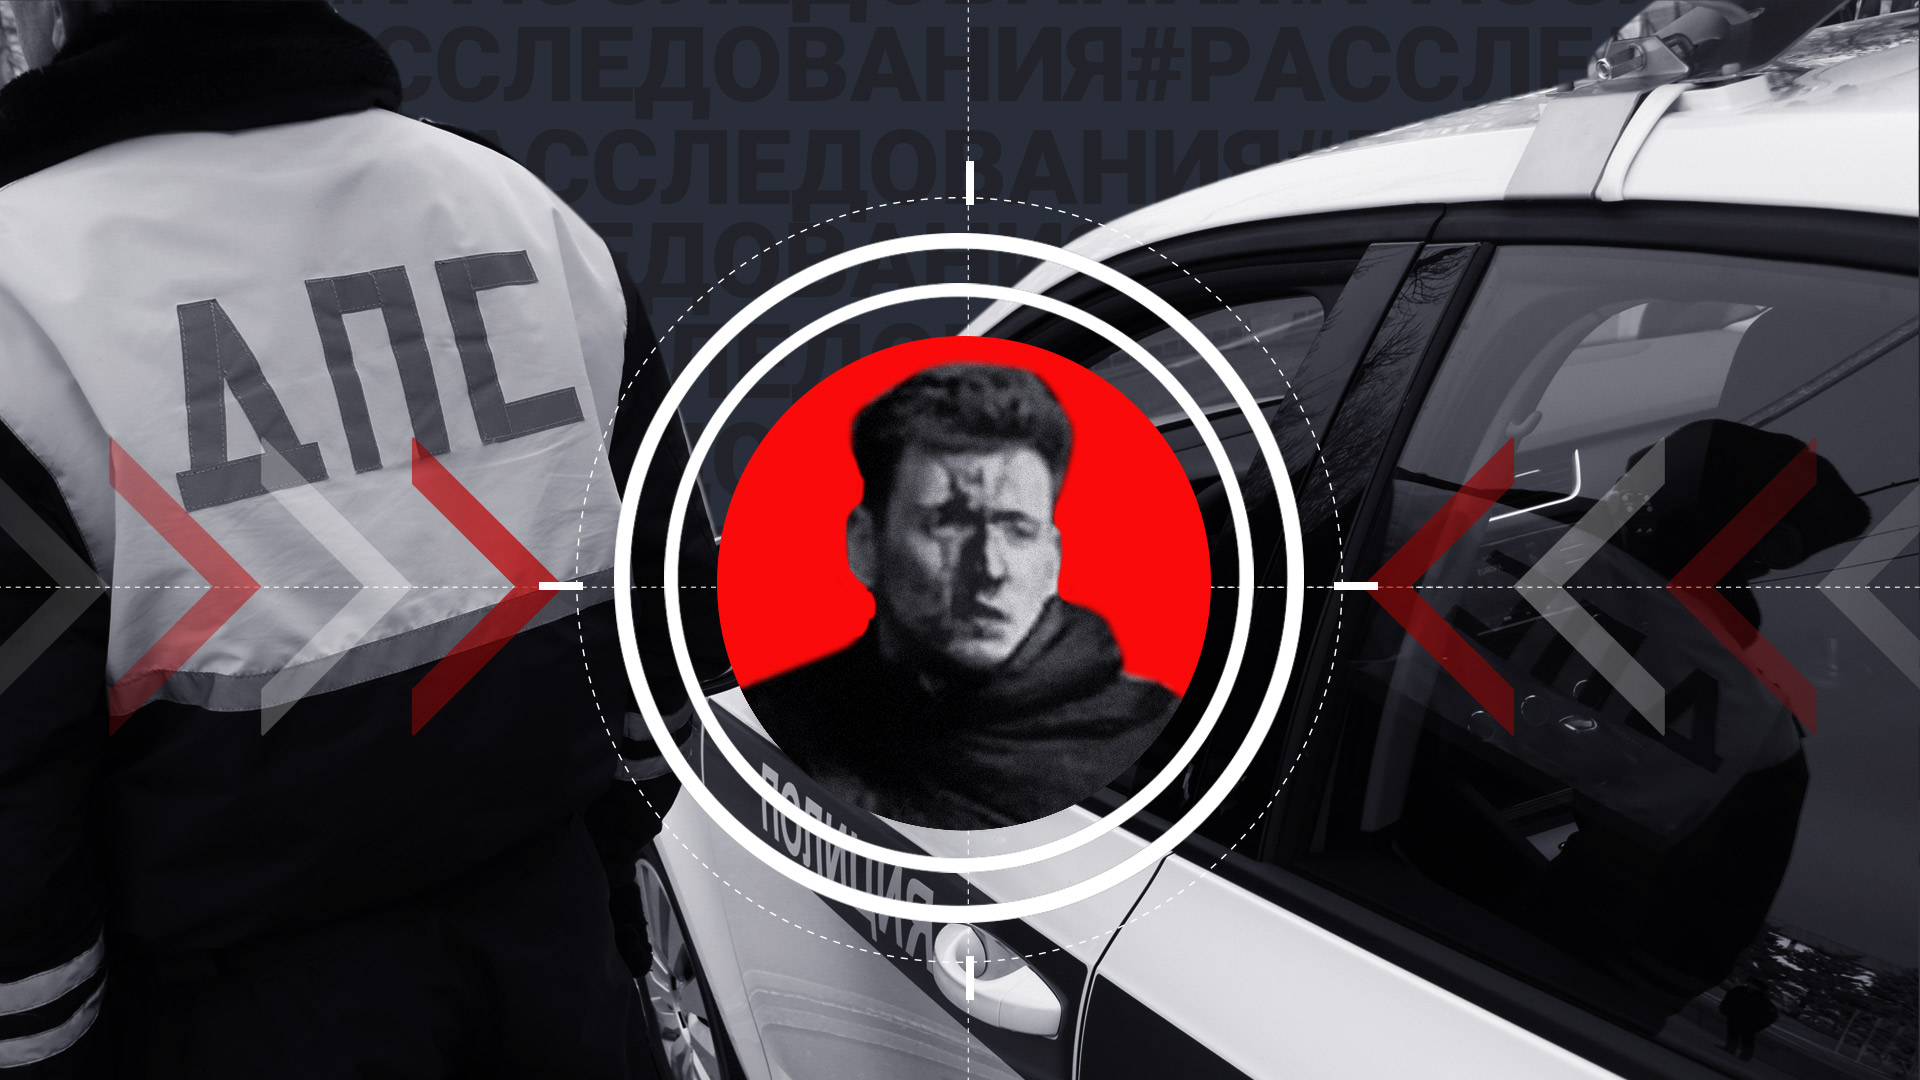 """<p>Коллаж ©LIFE. Фото © ТАСС / Коротченко Максим, <a href=""""https://bloknot.ru/chp/p-yany-j-i-bez-trusov-v-astrahani-sy-n-deputata-edinorossa-sbil-prokurora-i-ego-zhenu-748074.html"""" target=""""_blank"""" rel=""""noopener noreferrer"""">bloknot.ru</a></p>"""